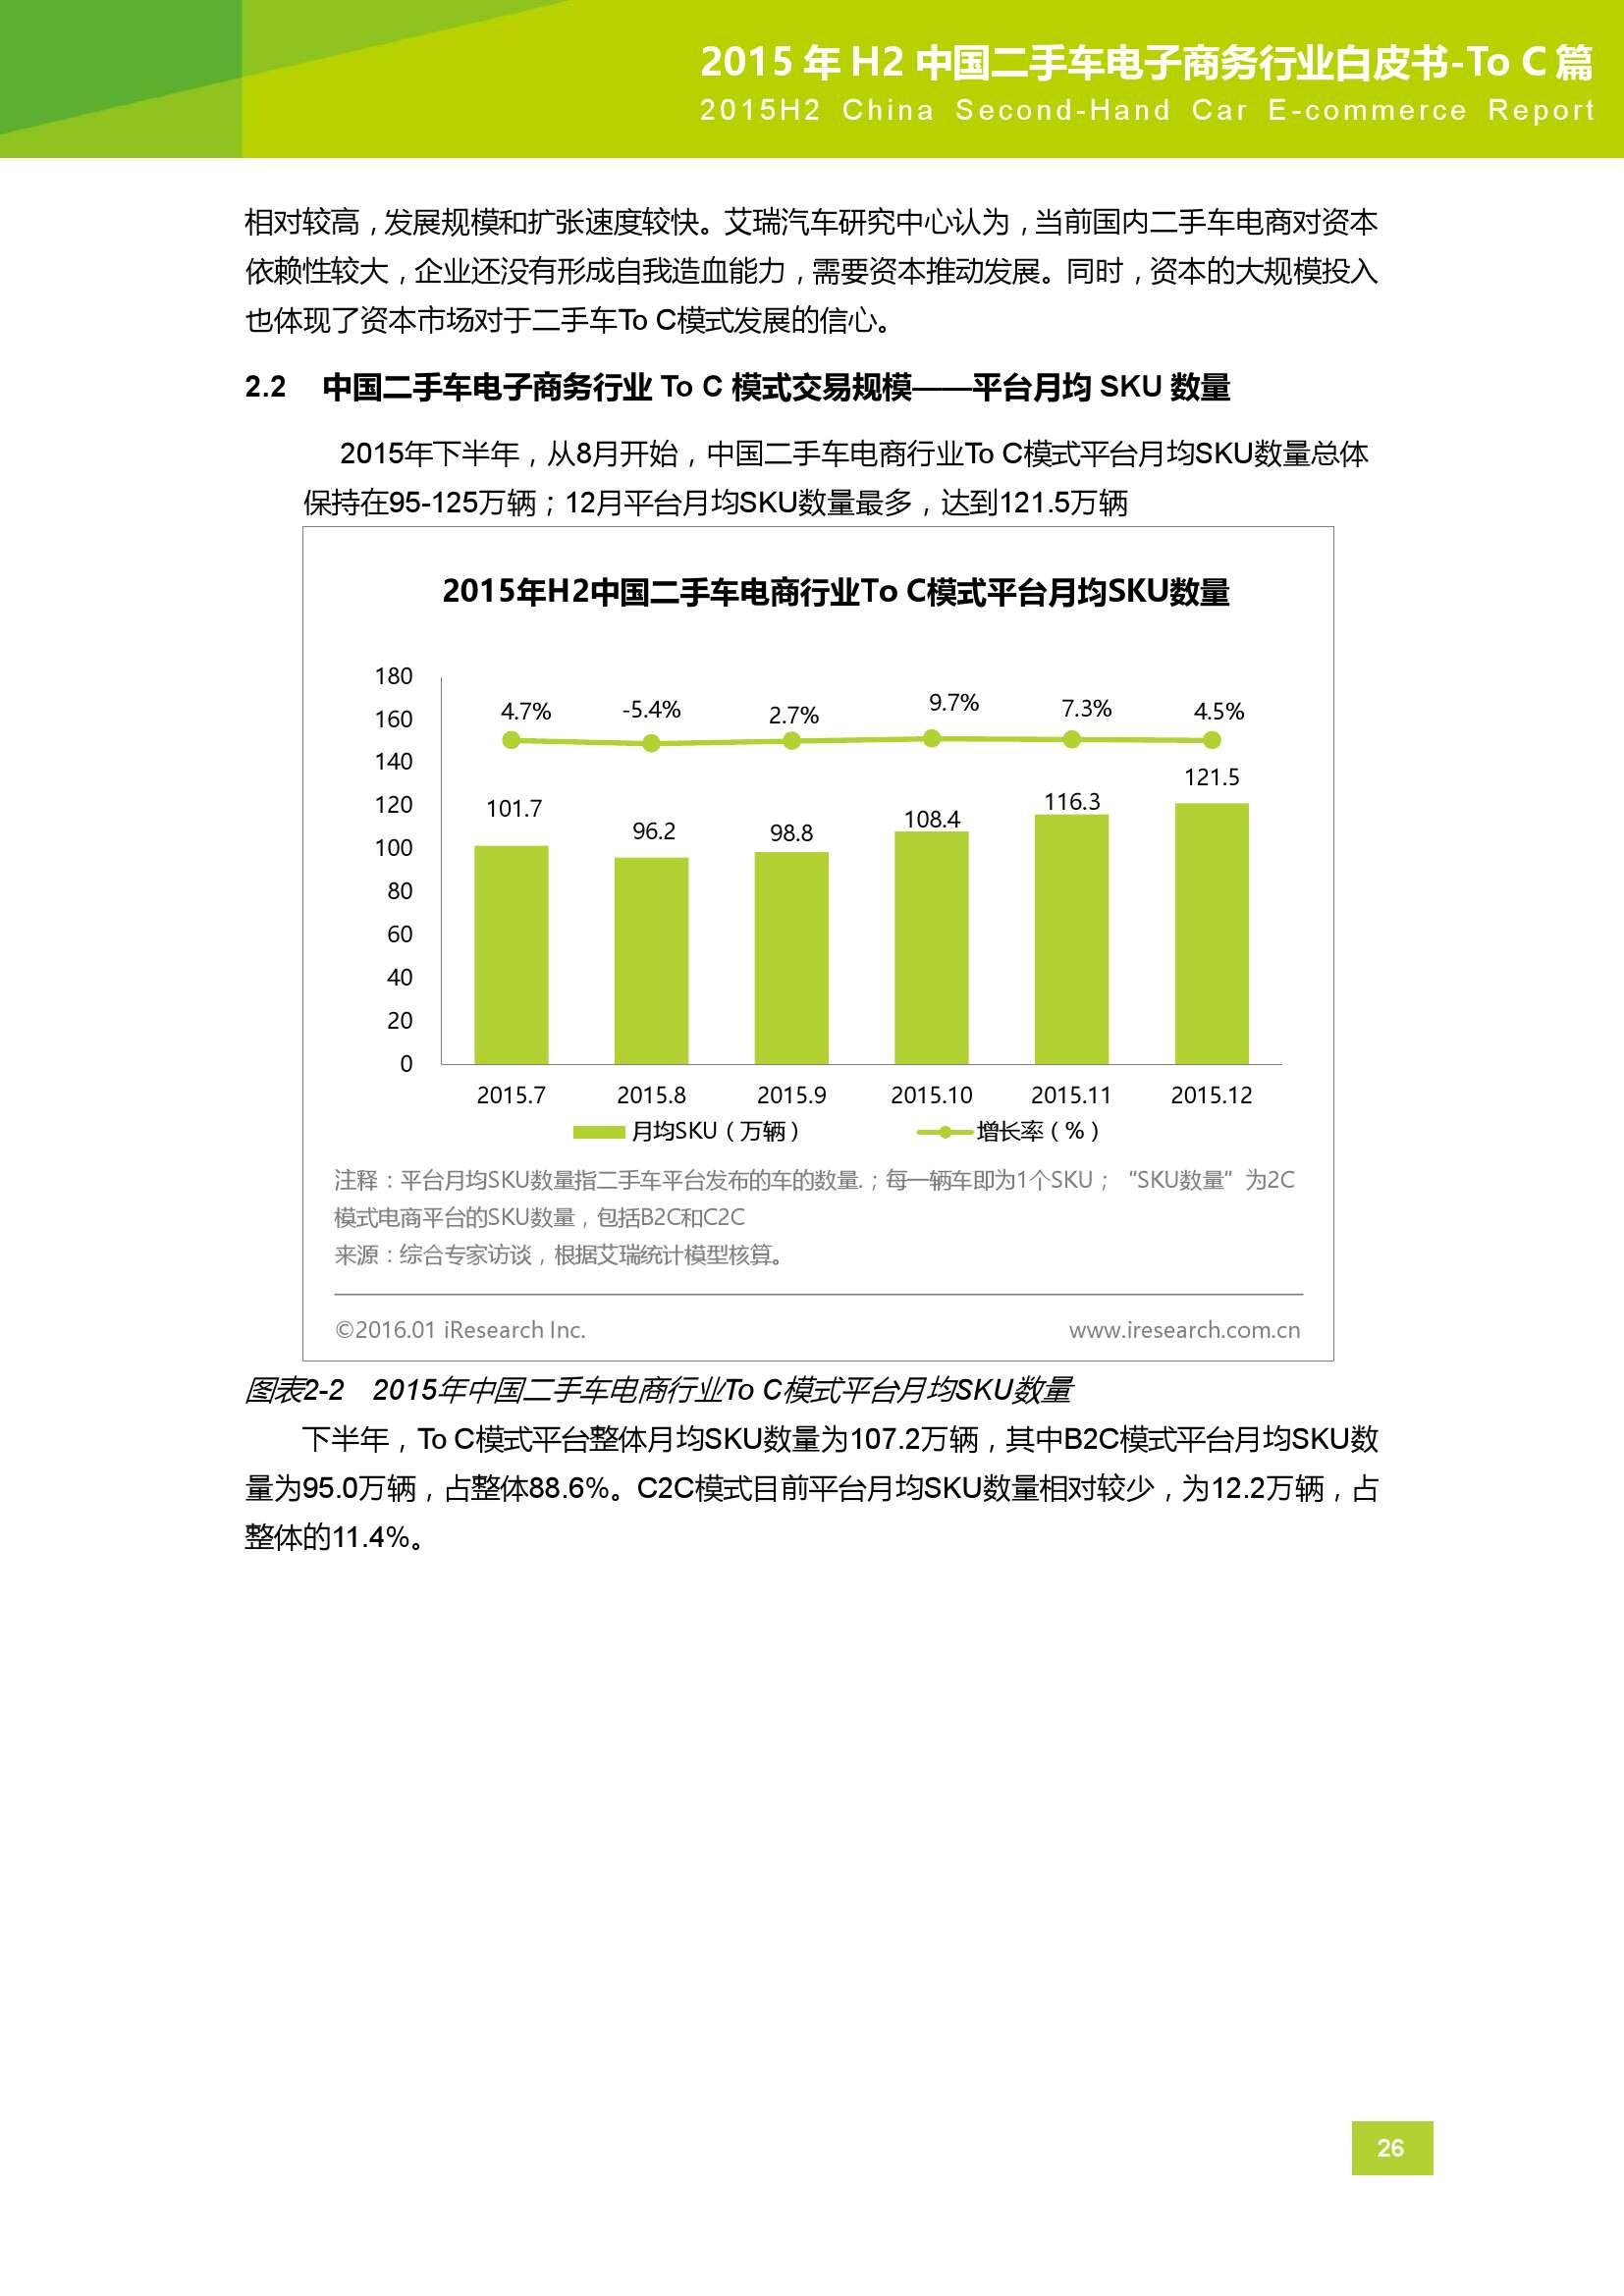 2015年H2中国二手车电子商务行业白皮书_000026